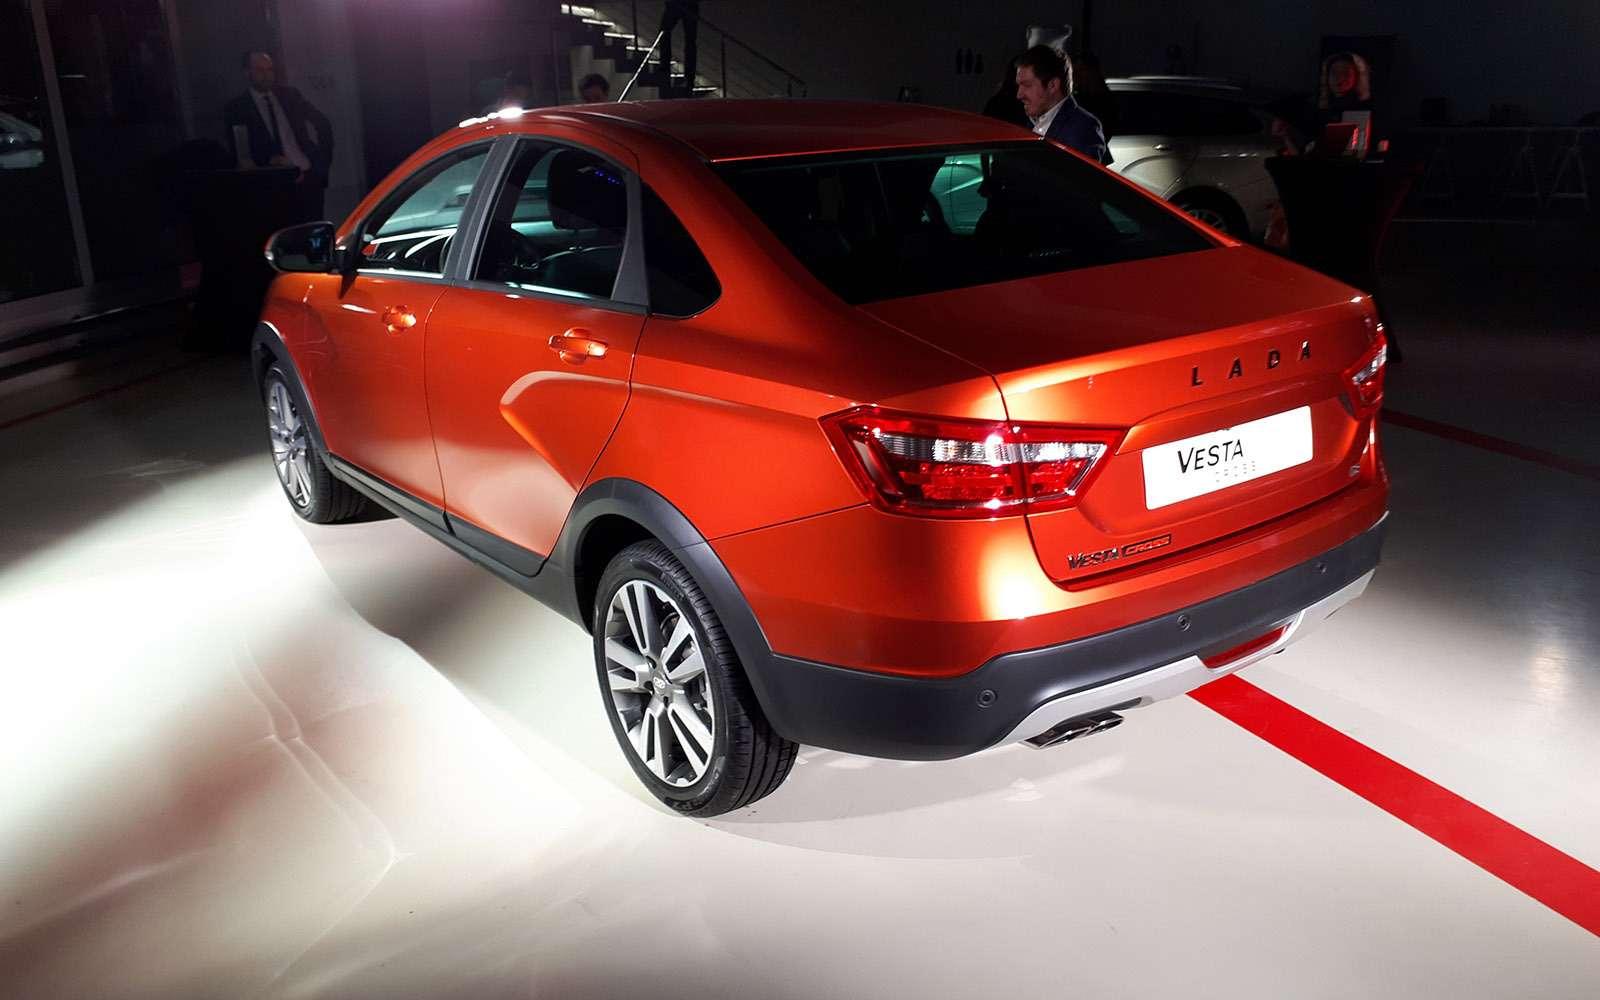 Представлена новая модель Lada. Иэто снова Cross— фото 863337